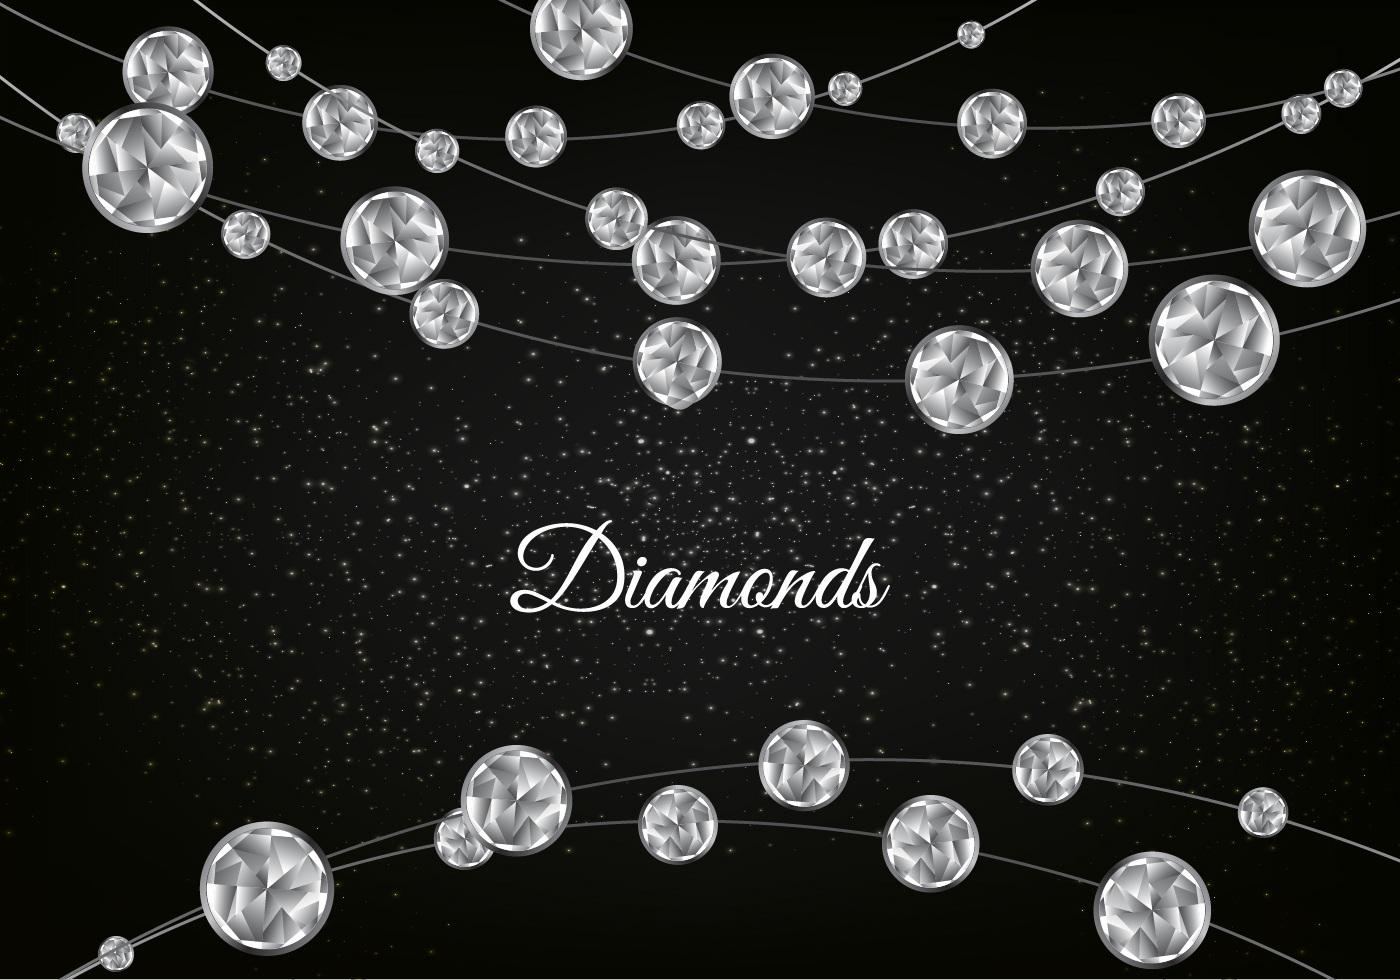 diamond background vector - photo #7